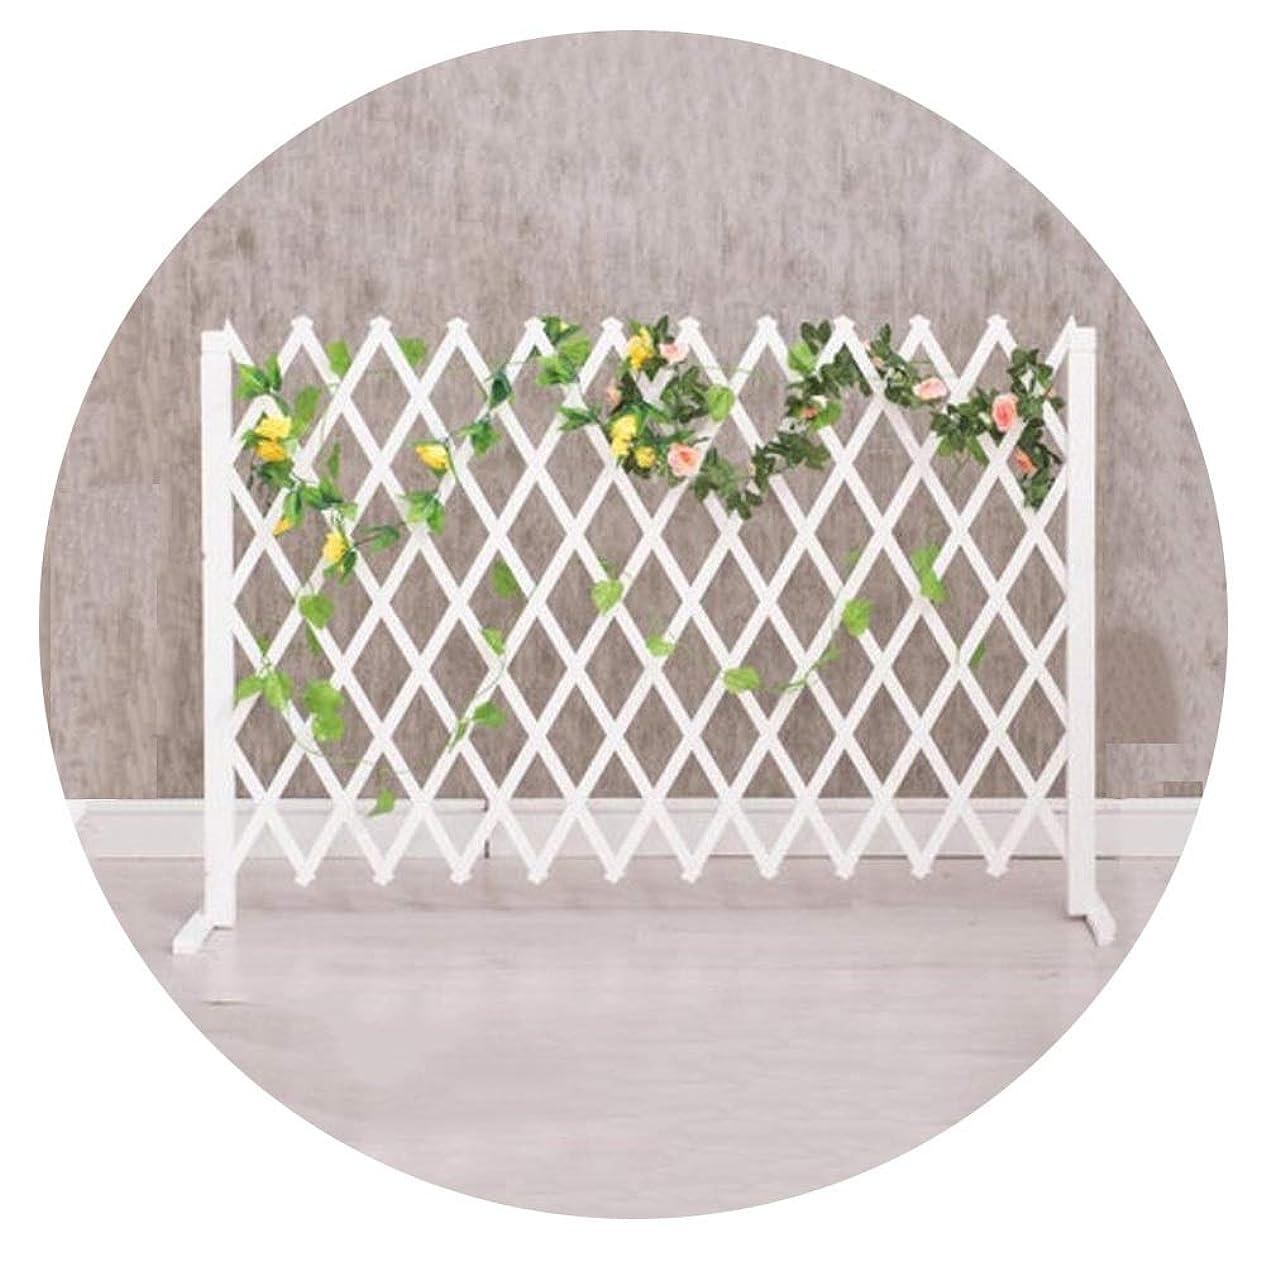 幾分補償コールYYFANG 木製フェンス屋内および屋外の仕切り小F防食プロセス耐候性含浸ローズ植物クライミングフレーム、2色、4サイズ (Color : White, Size : 160x75cm)